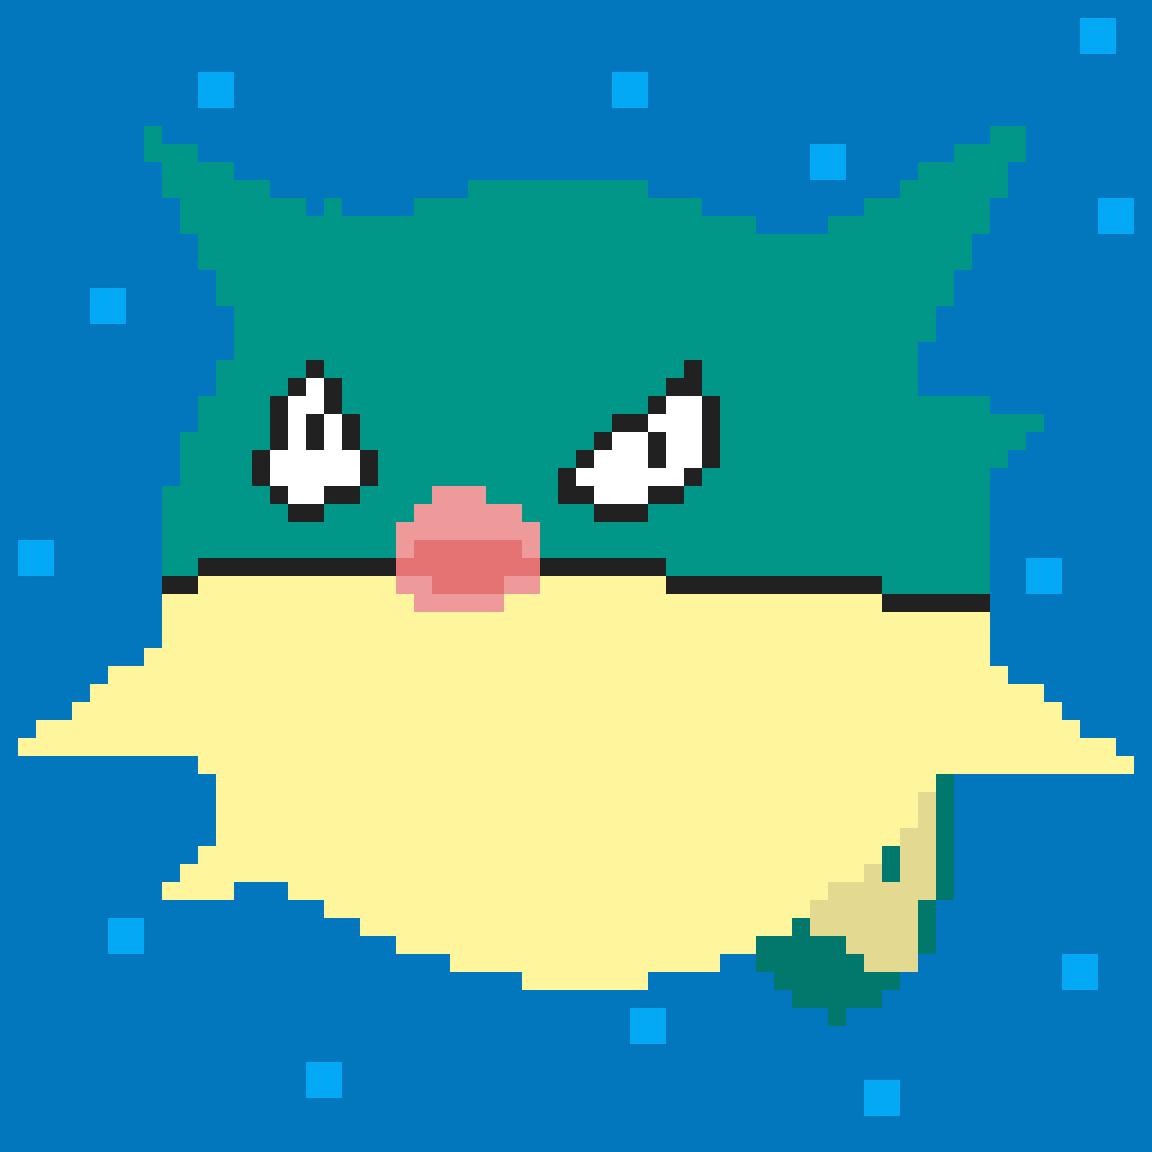 #8 Qwilfish by Willucario